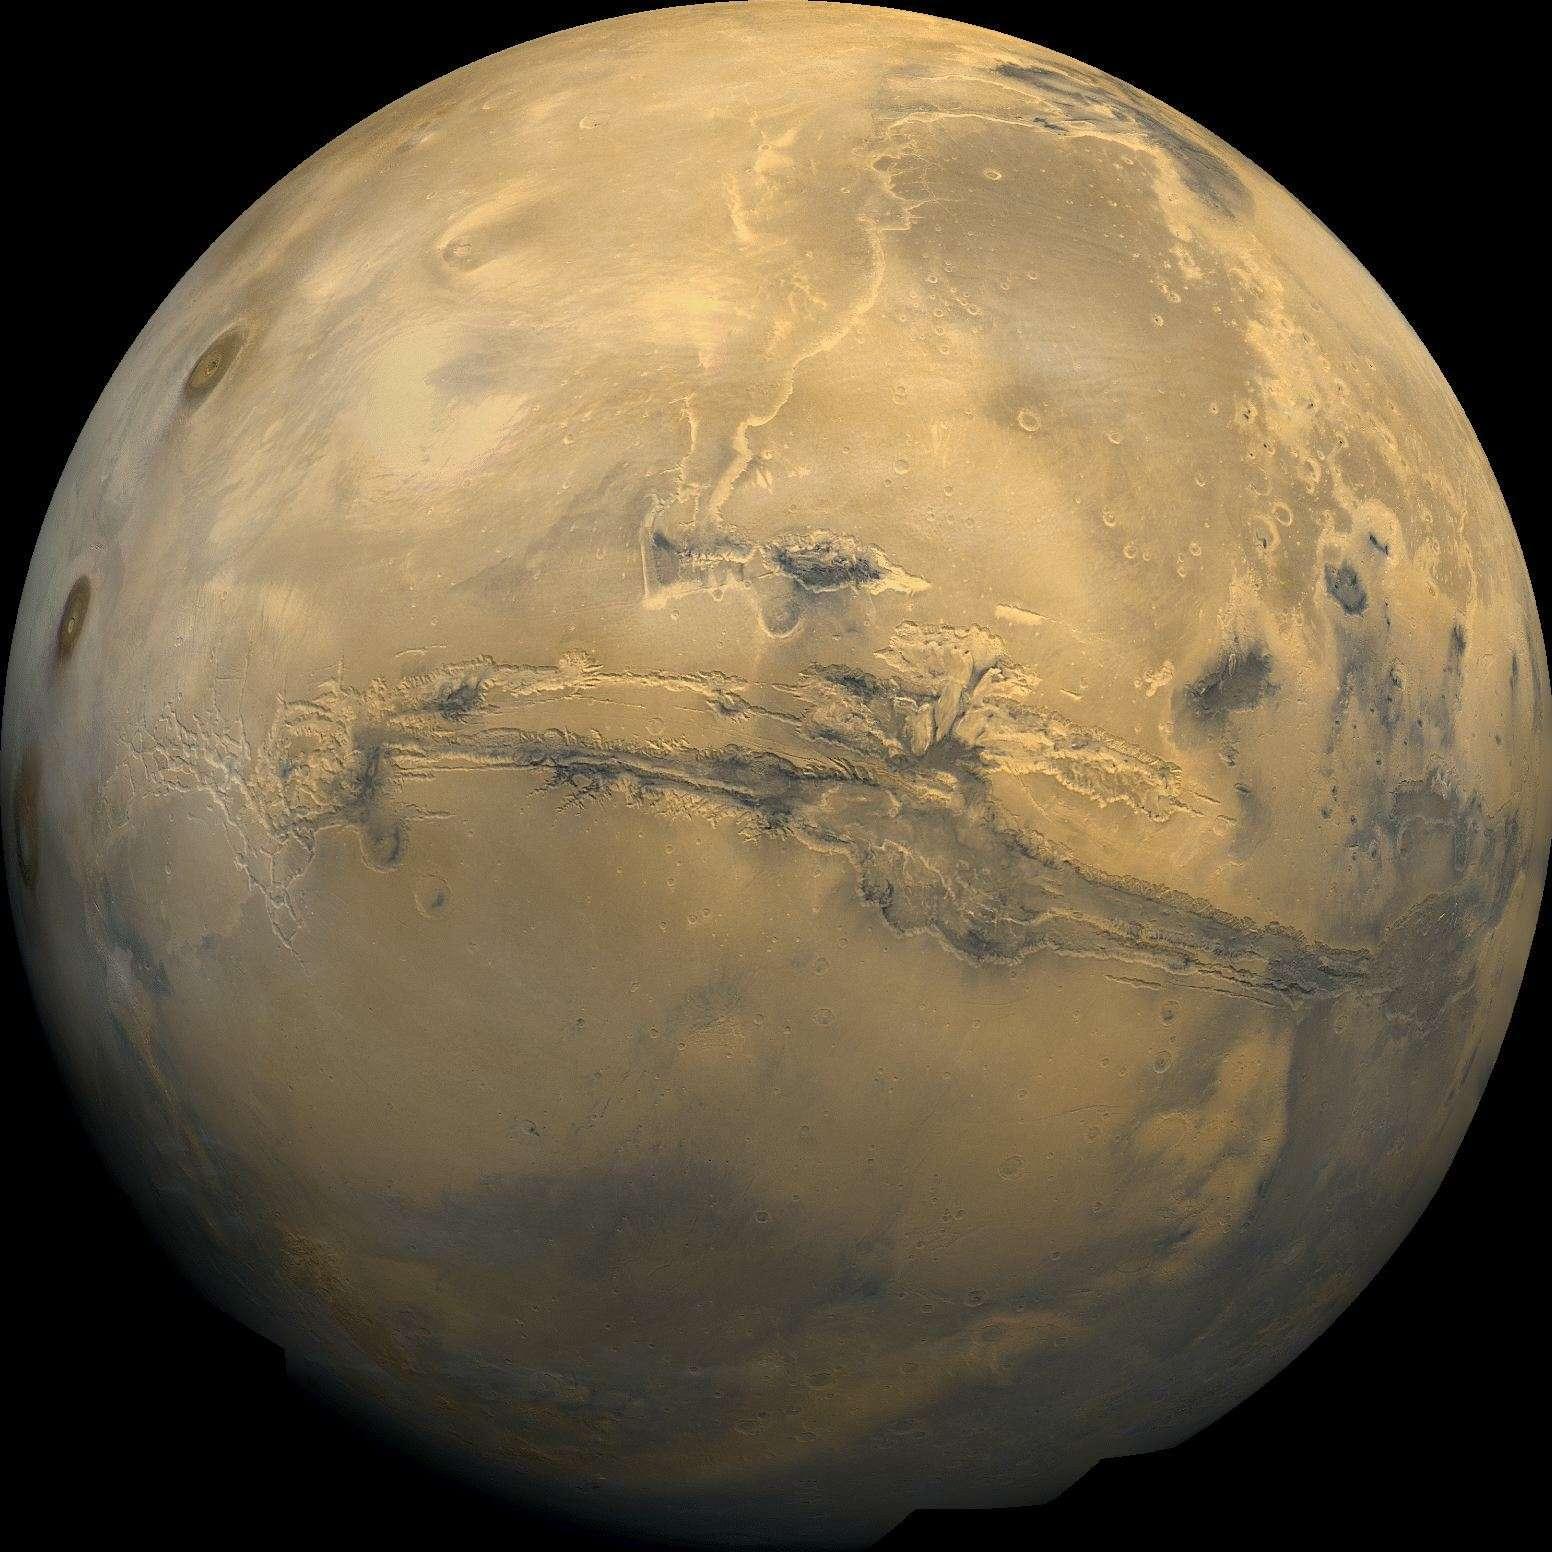 Viking, Sojourner, Spirit, Opportunity et bientôt Curiosity : la planète Mars fait toujours recette. © Nasa